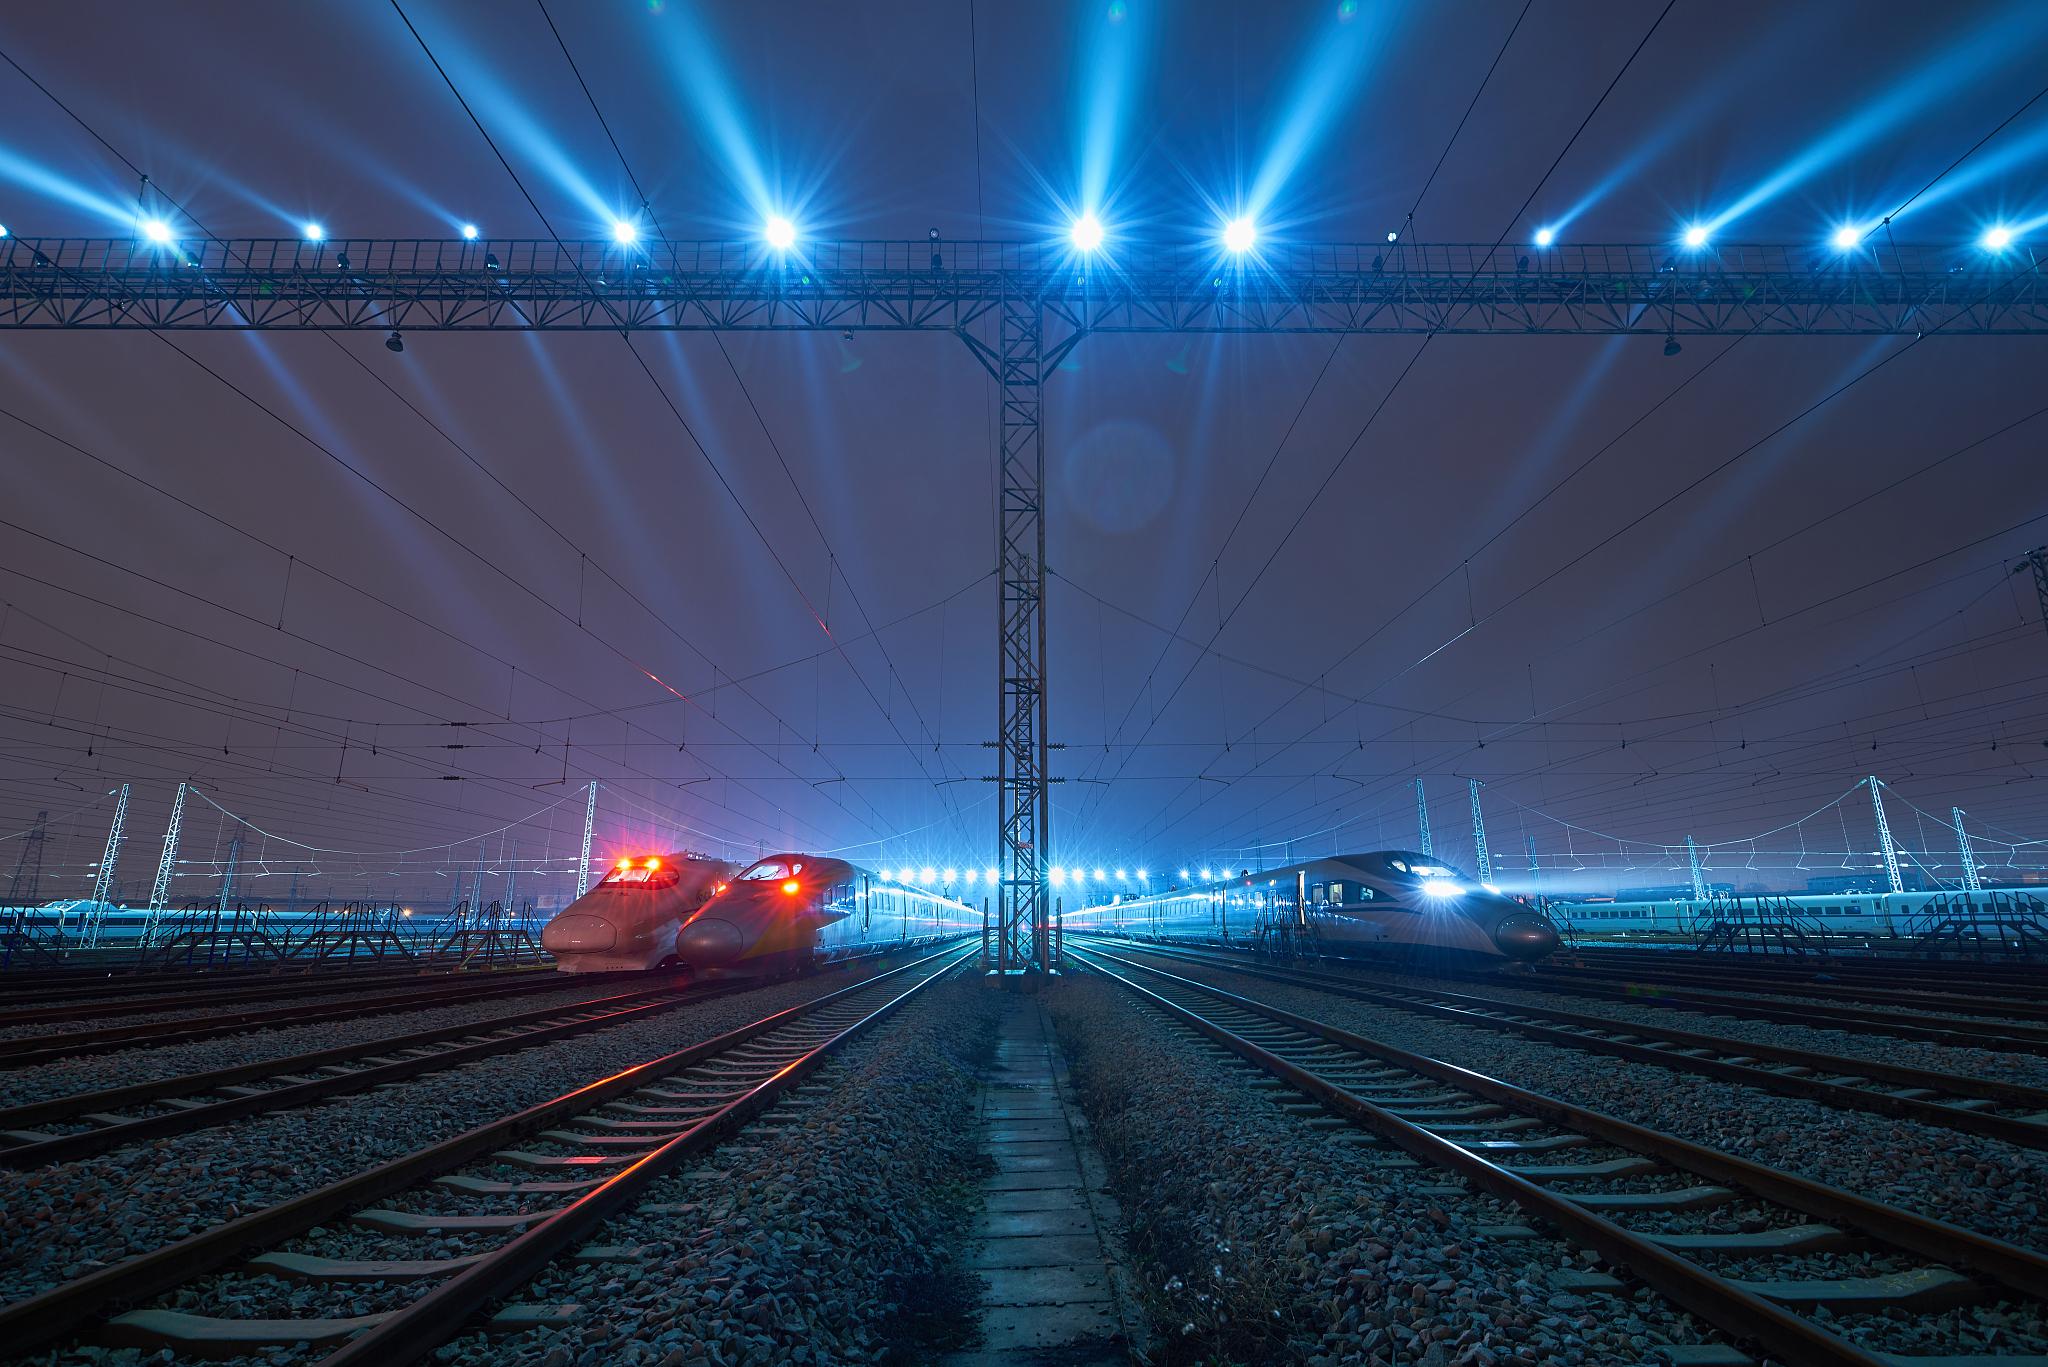 内江至六盘水铁路 这些列车运行区段有调整